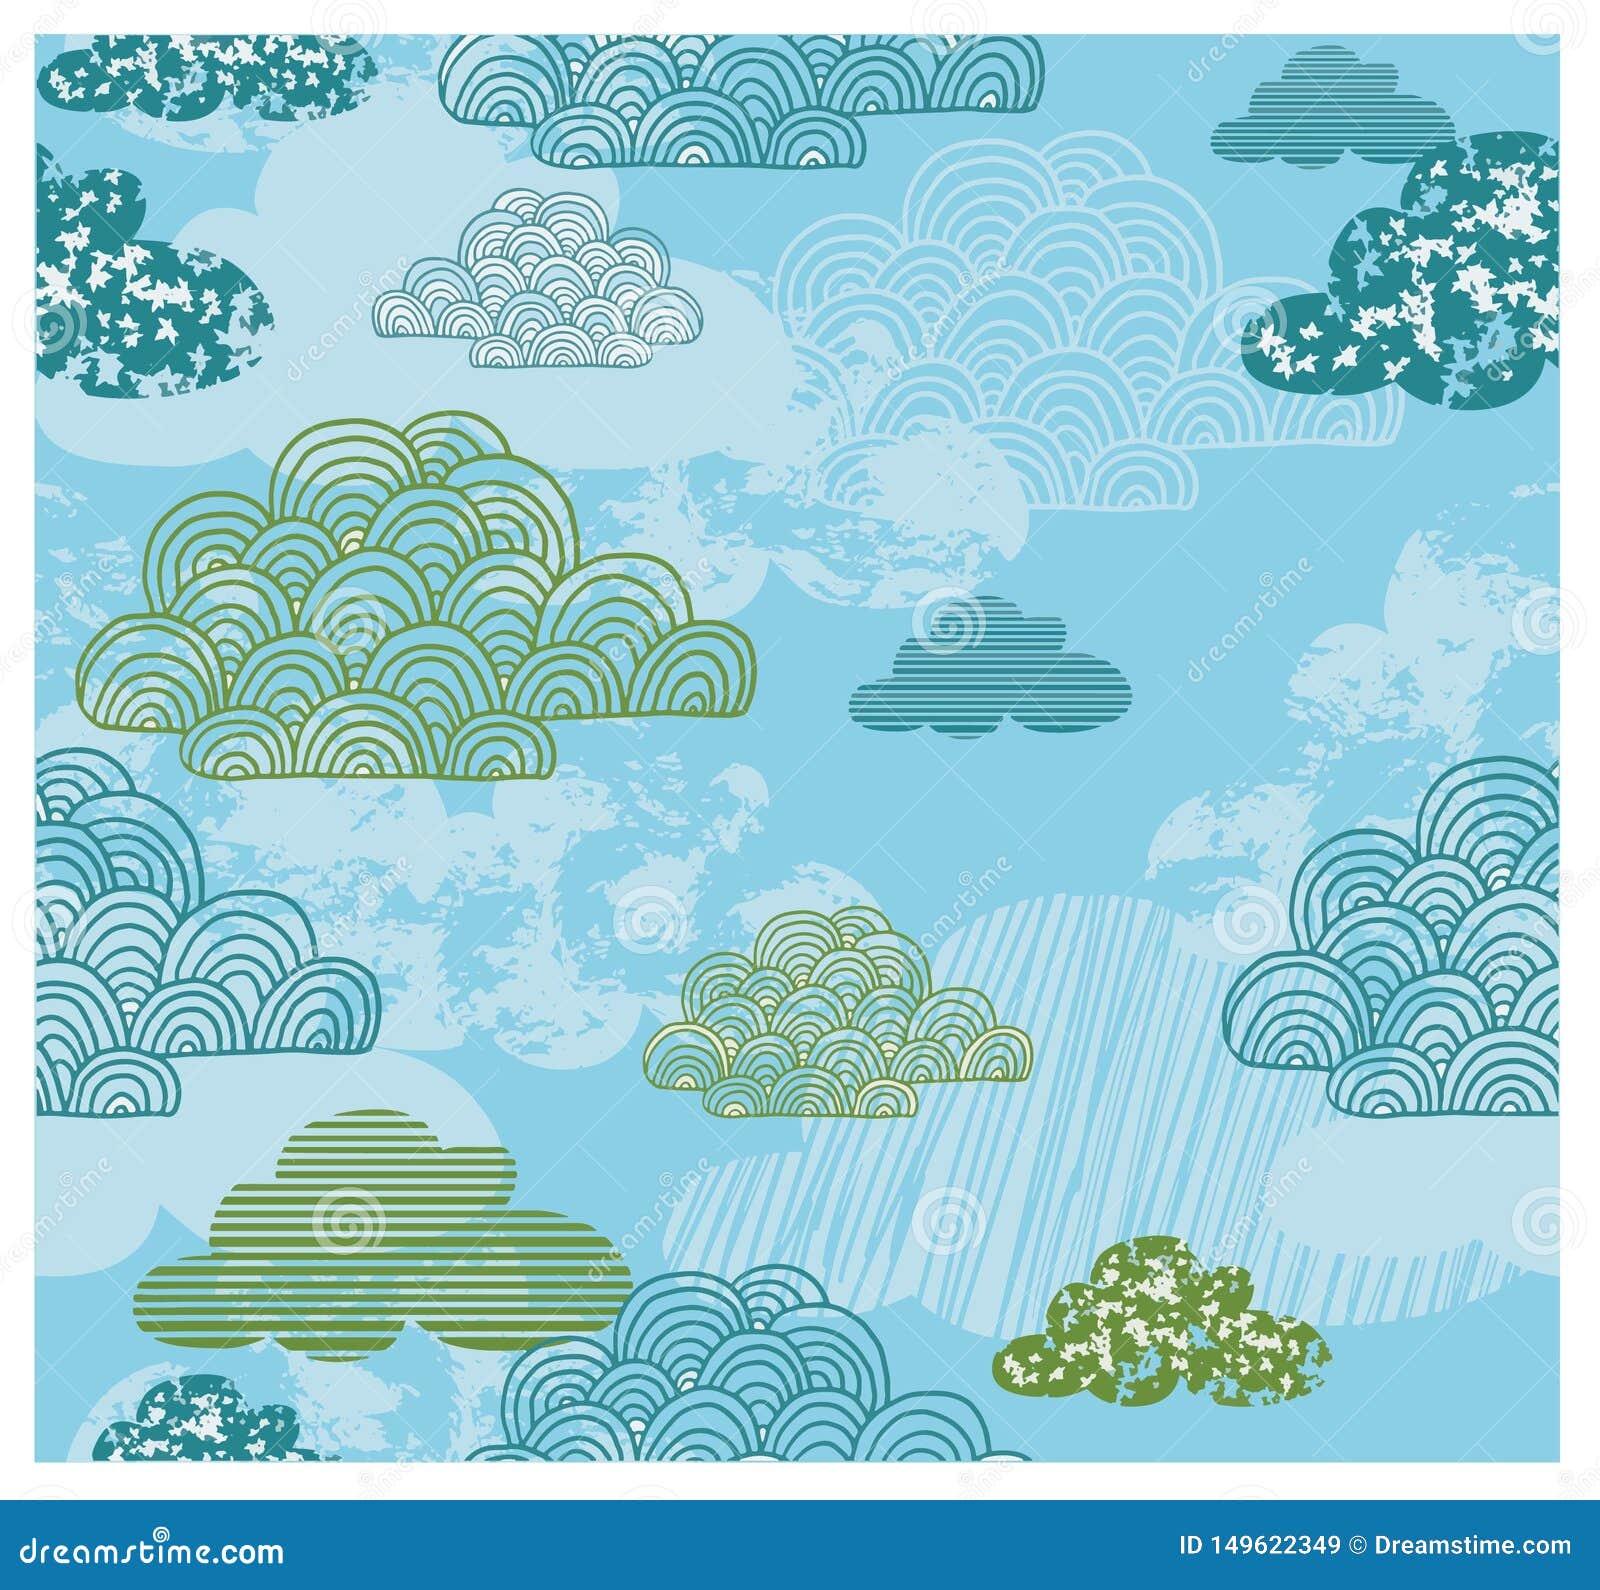 Cloud Kids Theme Pattern